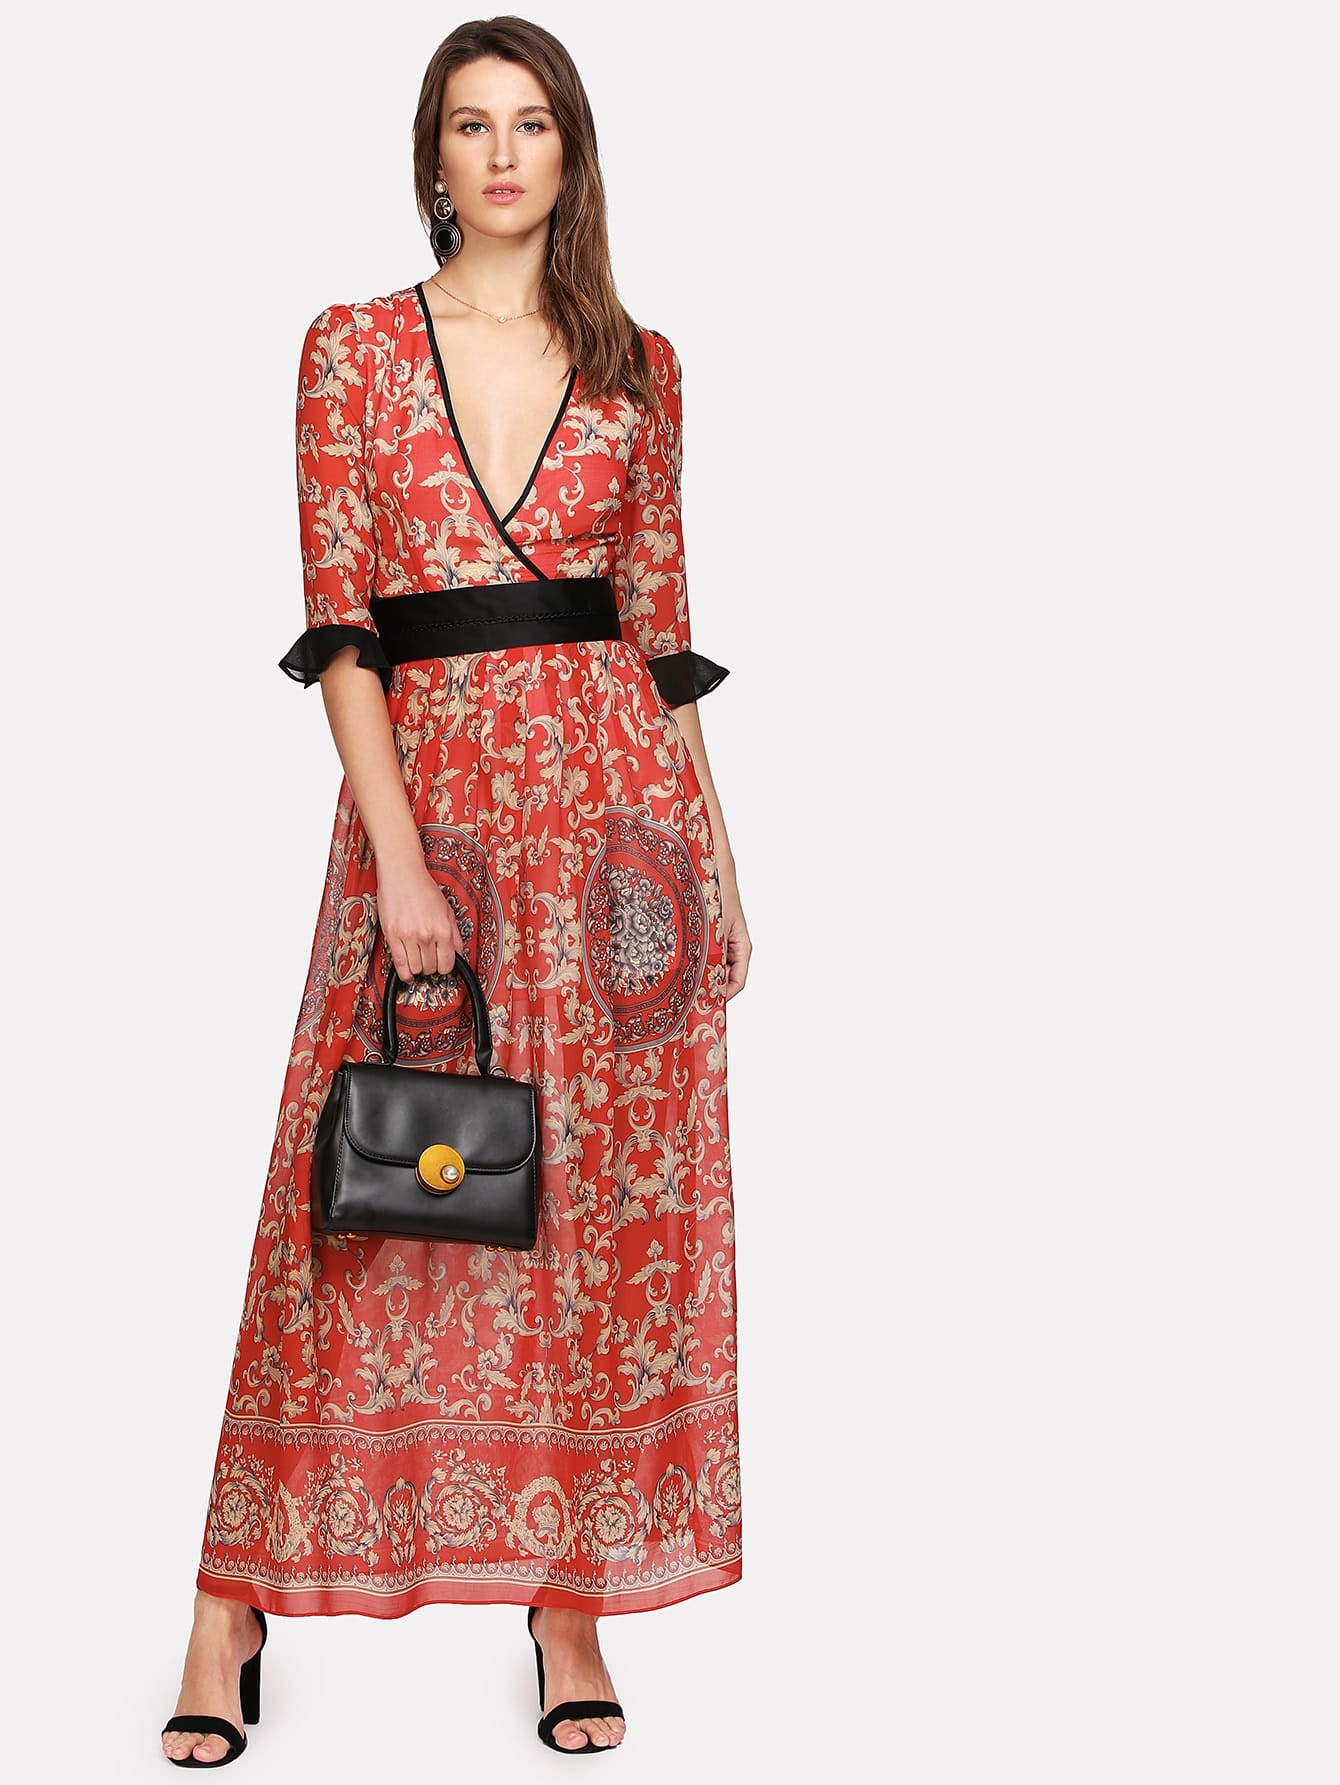 Contrast Flounce Sleeve Floral Surplice Wrap Dress mesh contrast flounce sleeve top